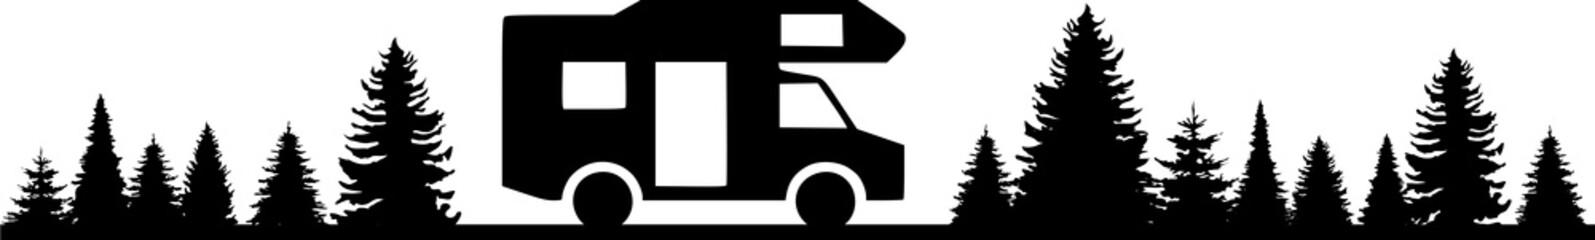 Silhouette Wohnwagen